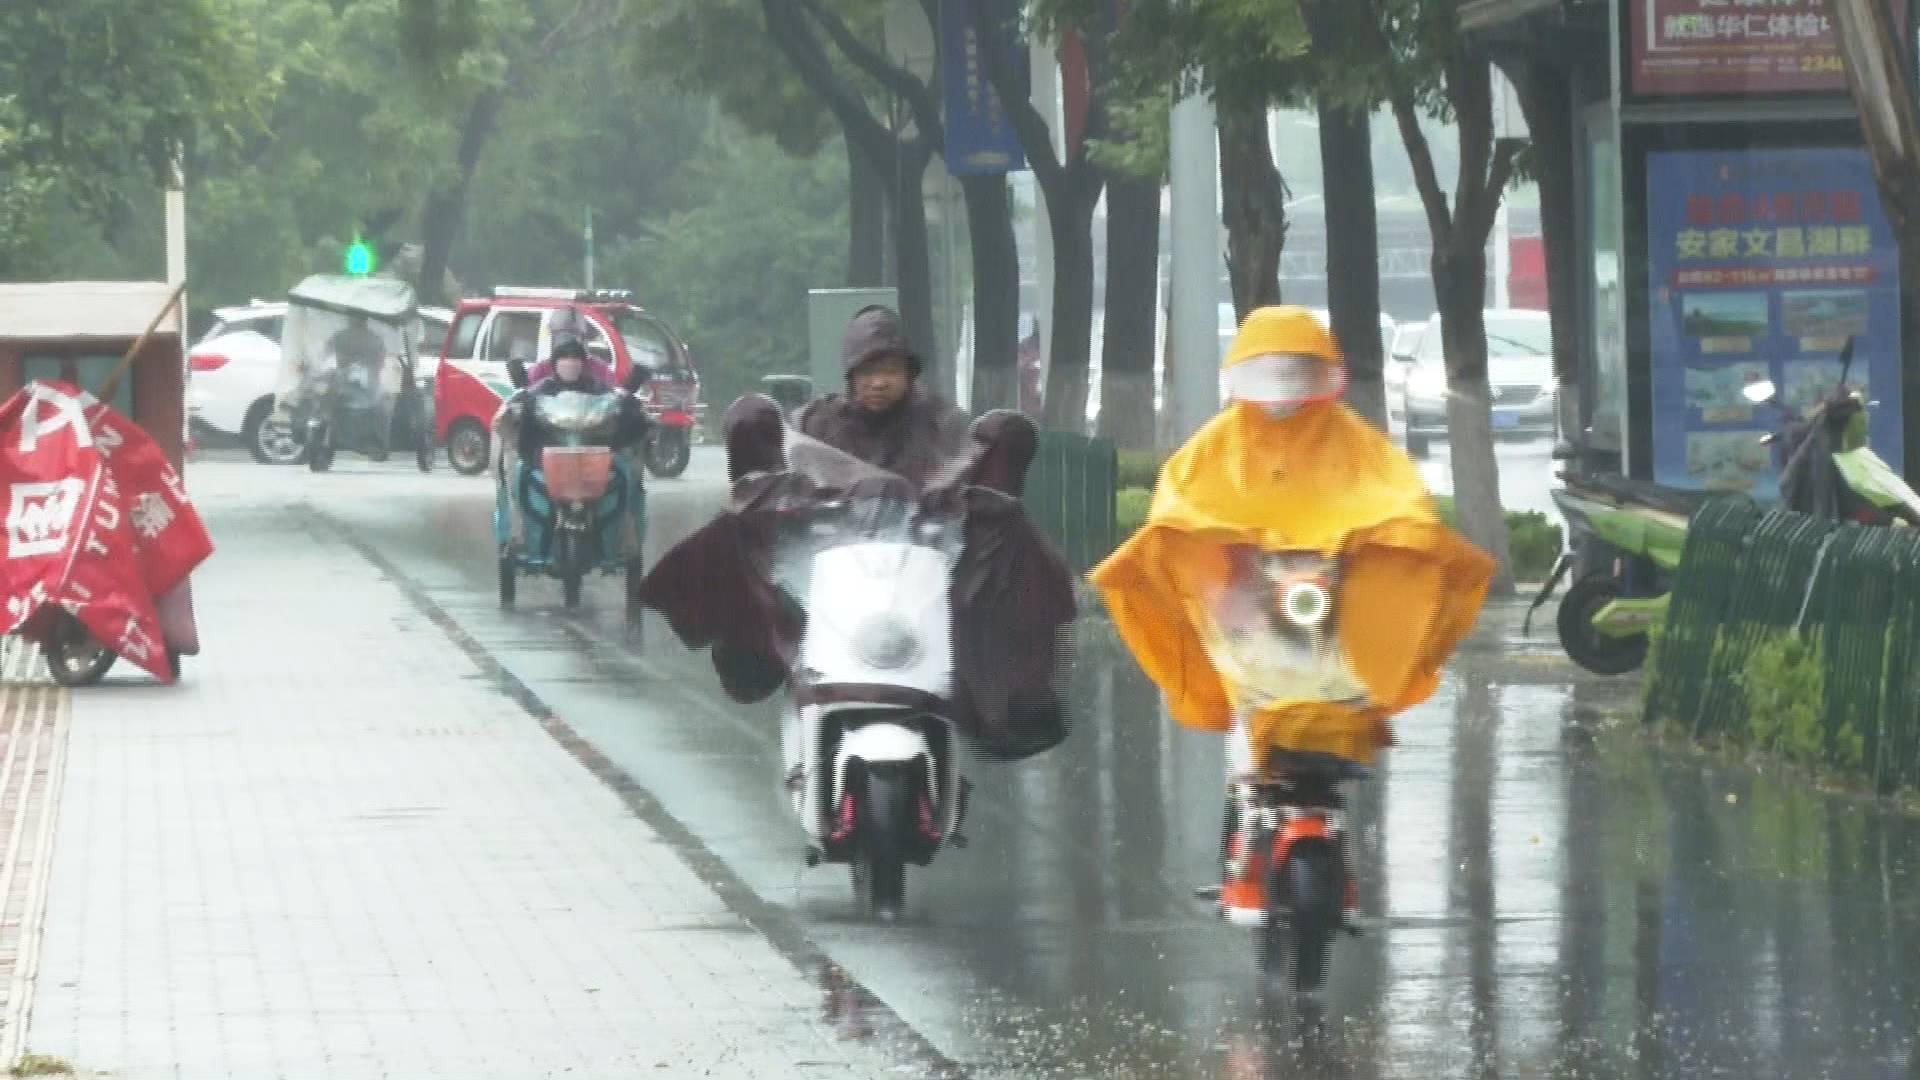 山东22日夜间至23日再迎明显降雨 菏泽、枣庄、济宁南部、临沂南部有大到暴雨局部大暴雨